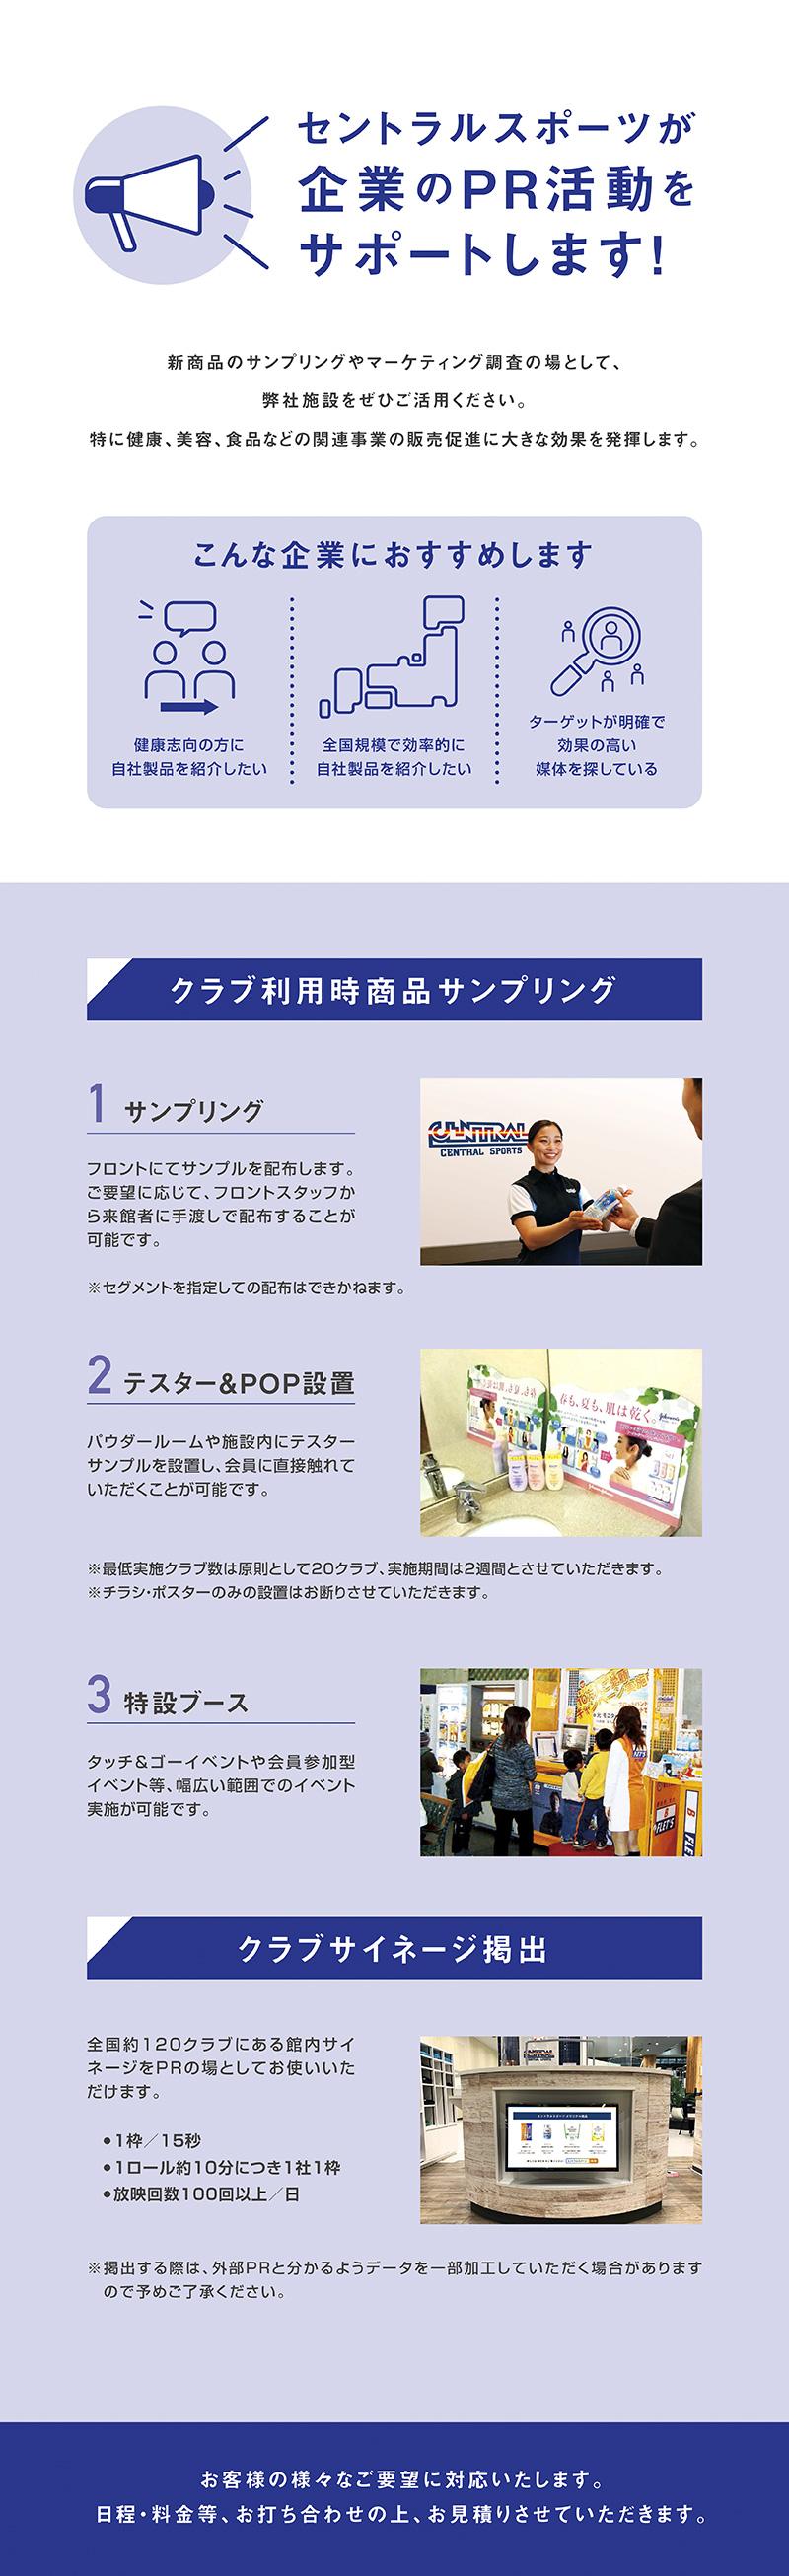 セントラルスポーツが企業のPR活動をサポートします。